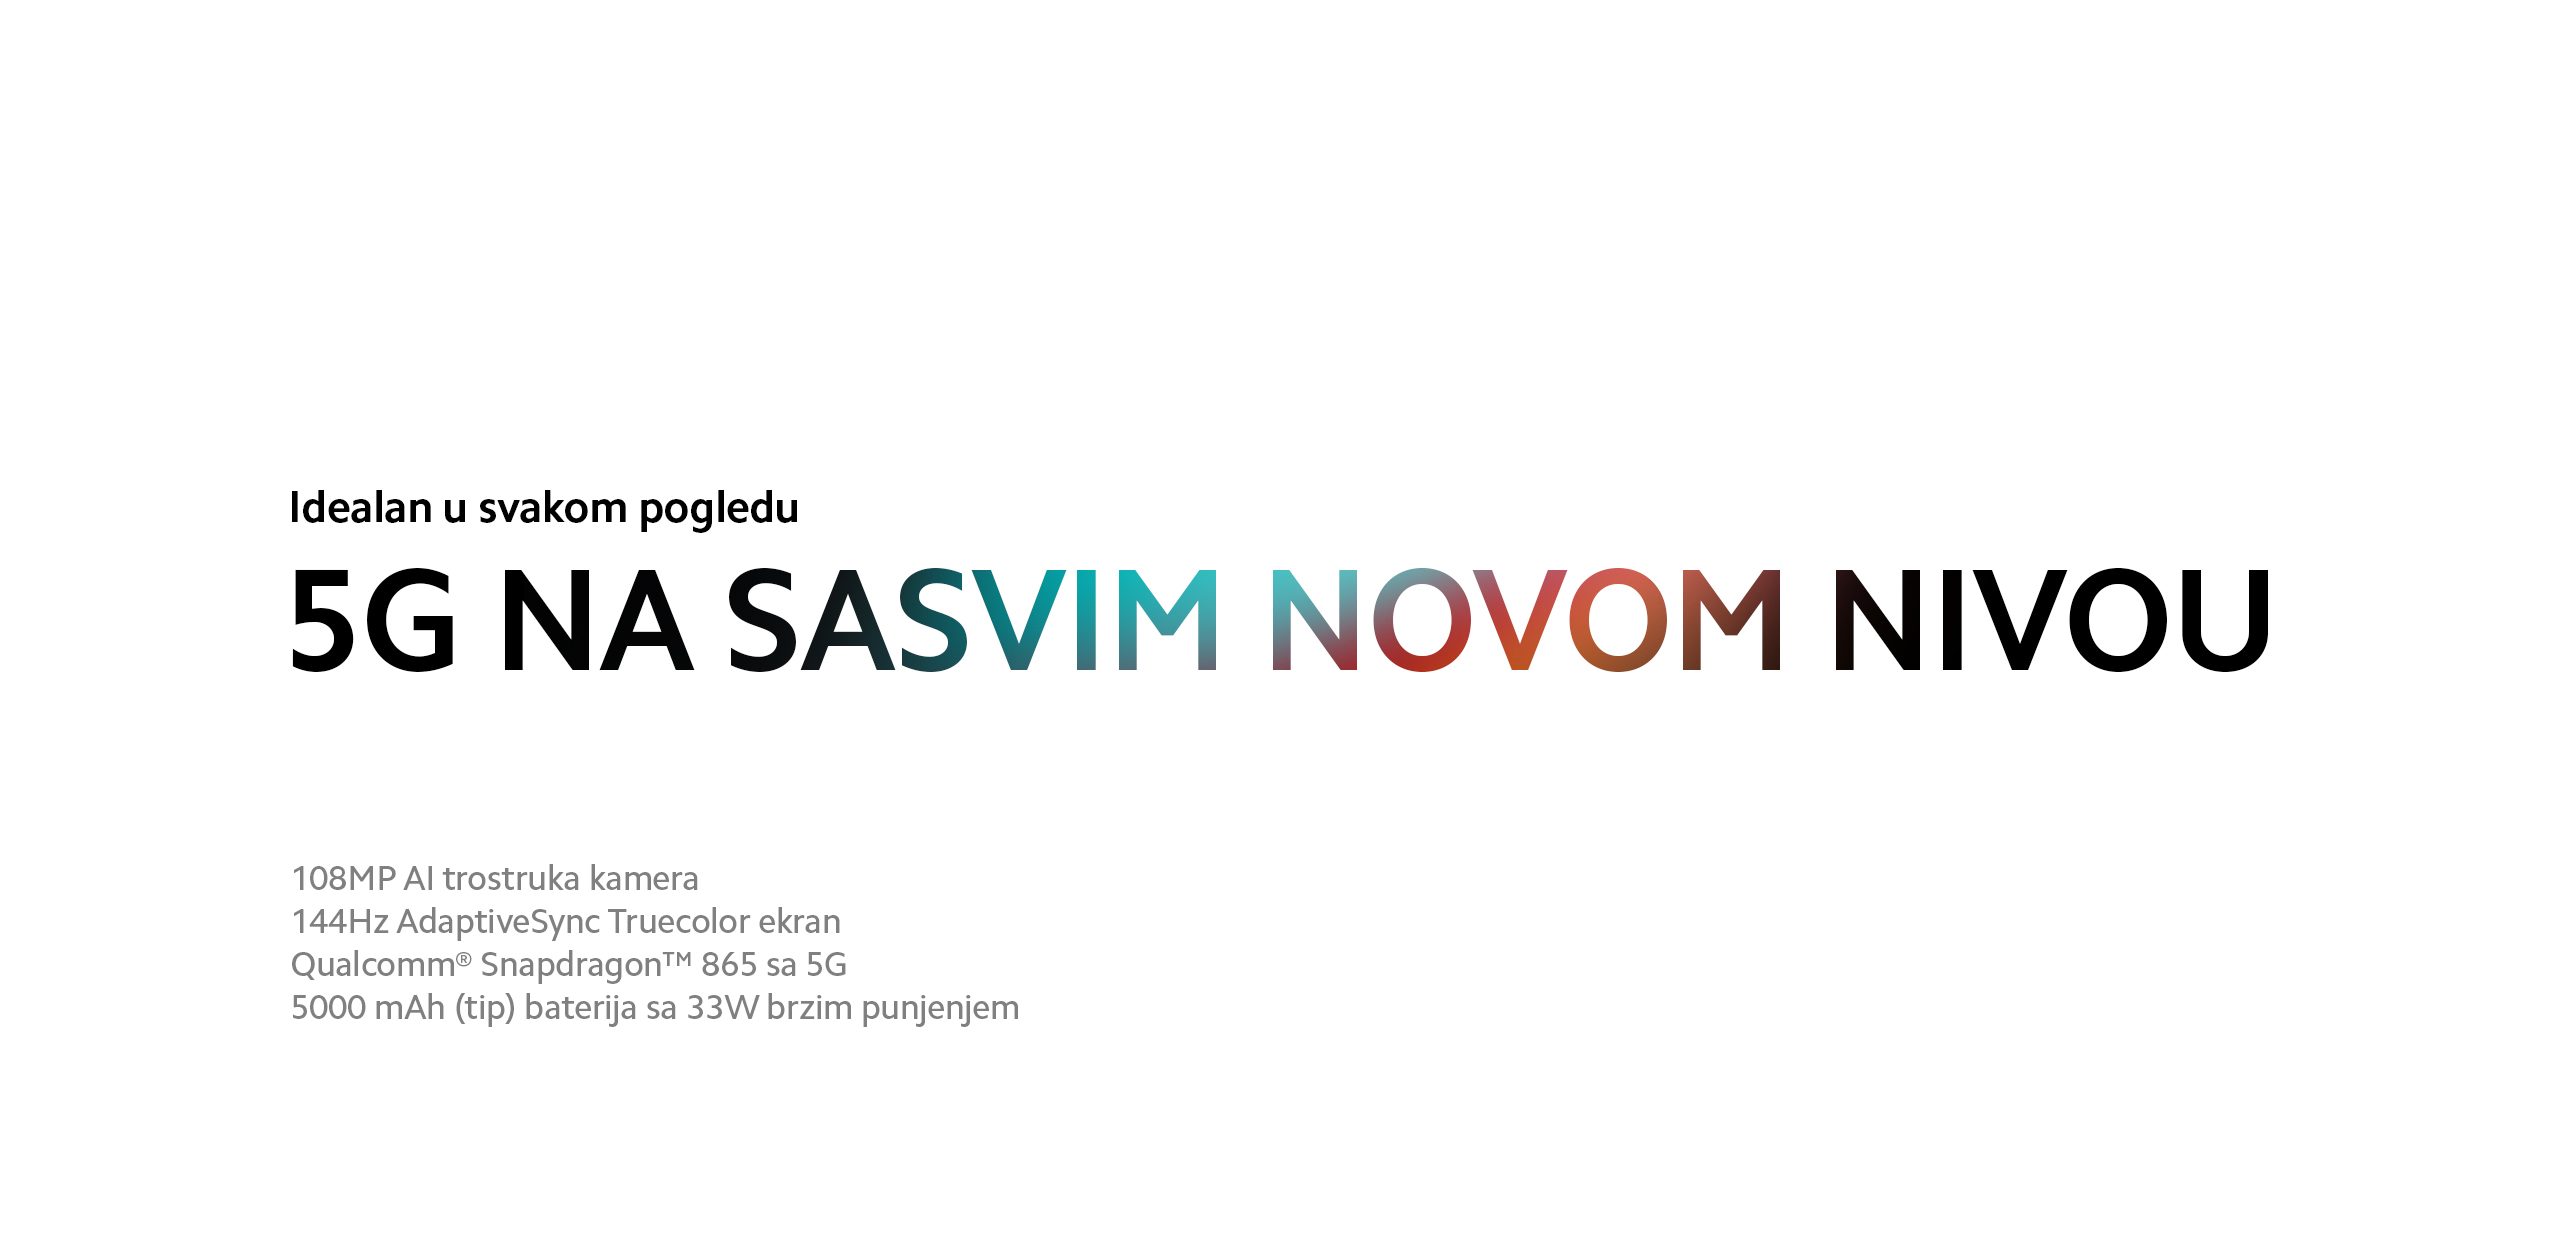 https://mi-srbija.rs/storage/media/2020/11/5/852ada55-6306-45c4-9d09-f720a419d8aa.jpg